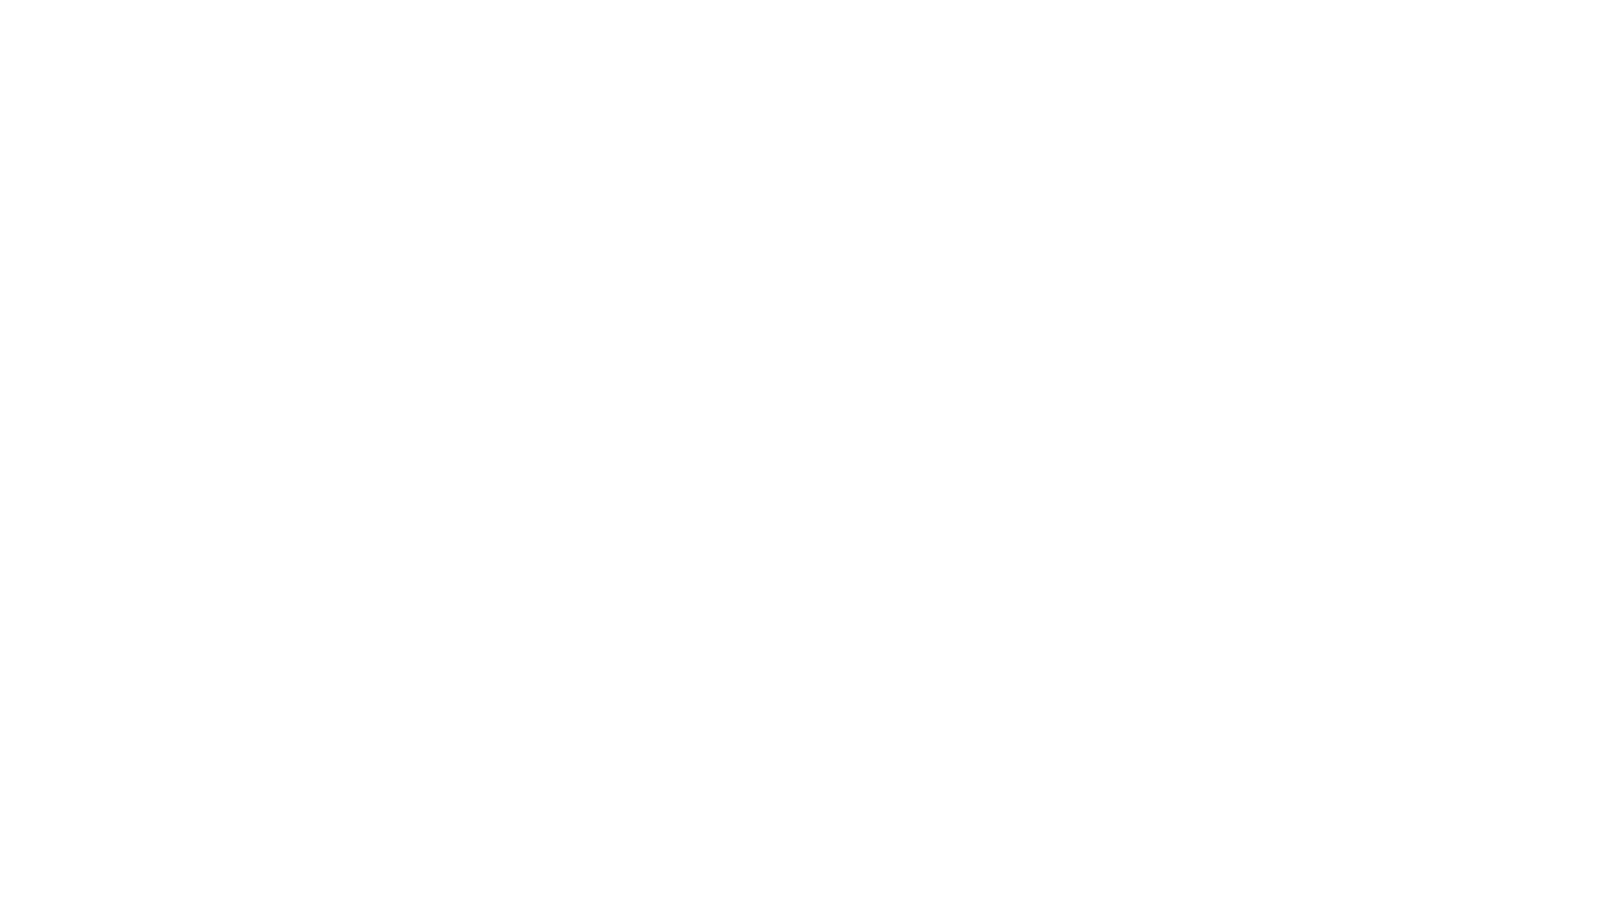 ਫਗਵਾੜੇ ਇਸ ਬਿਮਾਰੀ ਨੂੰ ਲੈ ਕੇ ਮਚੀ ਹਾਹਾਕਾਰ,ਬਿਮਾਰੀ ਵਿਚ ਚੁੱਕ ਰਹੇ ਫਾਇਦਾ ,ਸੀਵਰੇਜ ਬੋਰਡ ਦੇ ਅਧਿਕਾਰੀਆਂ ਤੇ ਲਗੇ ਪੈਸੇ ਮੰਗਣ ਦੇ ਆਰੋਪ #Phagwaracity #sdocivirejboard #ddpunjabphagwara